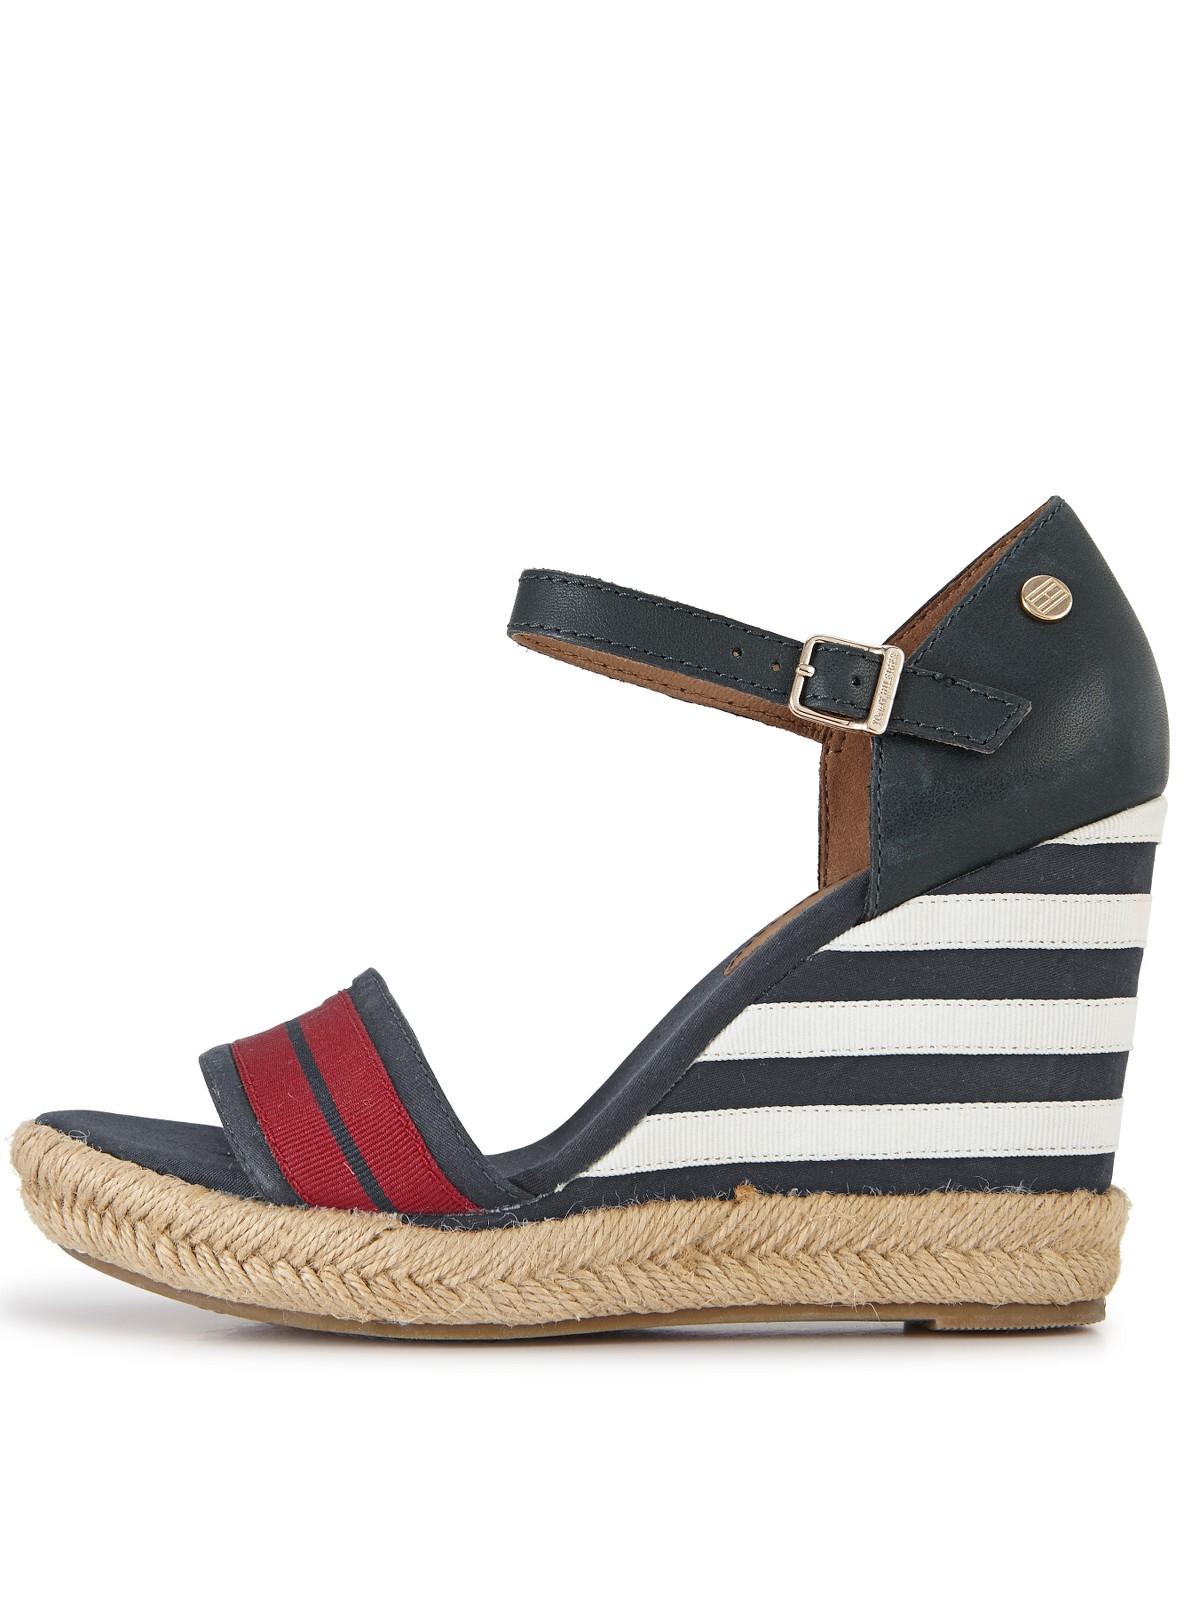 tommy hilfiger emery stripe wedge sandals in blue red. Black Bedroom Furniture Sets. Home Design Ideas